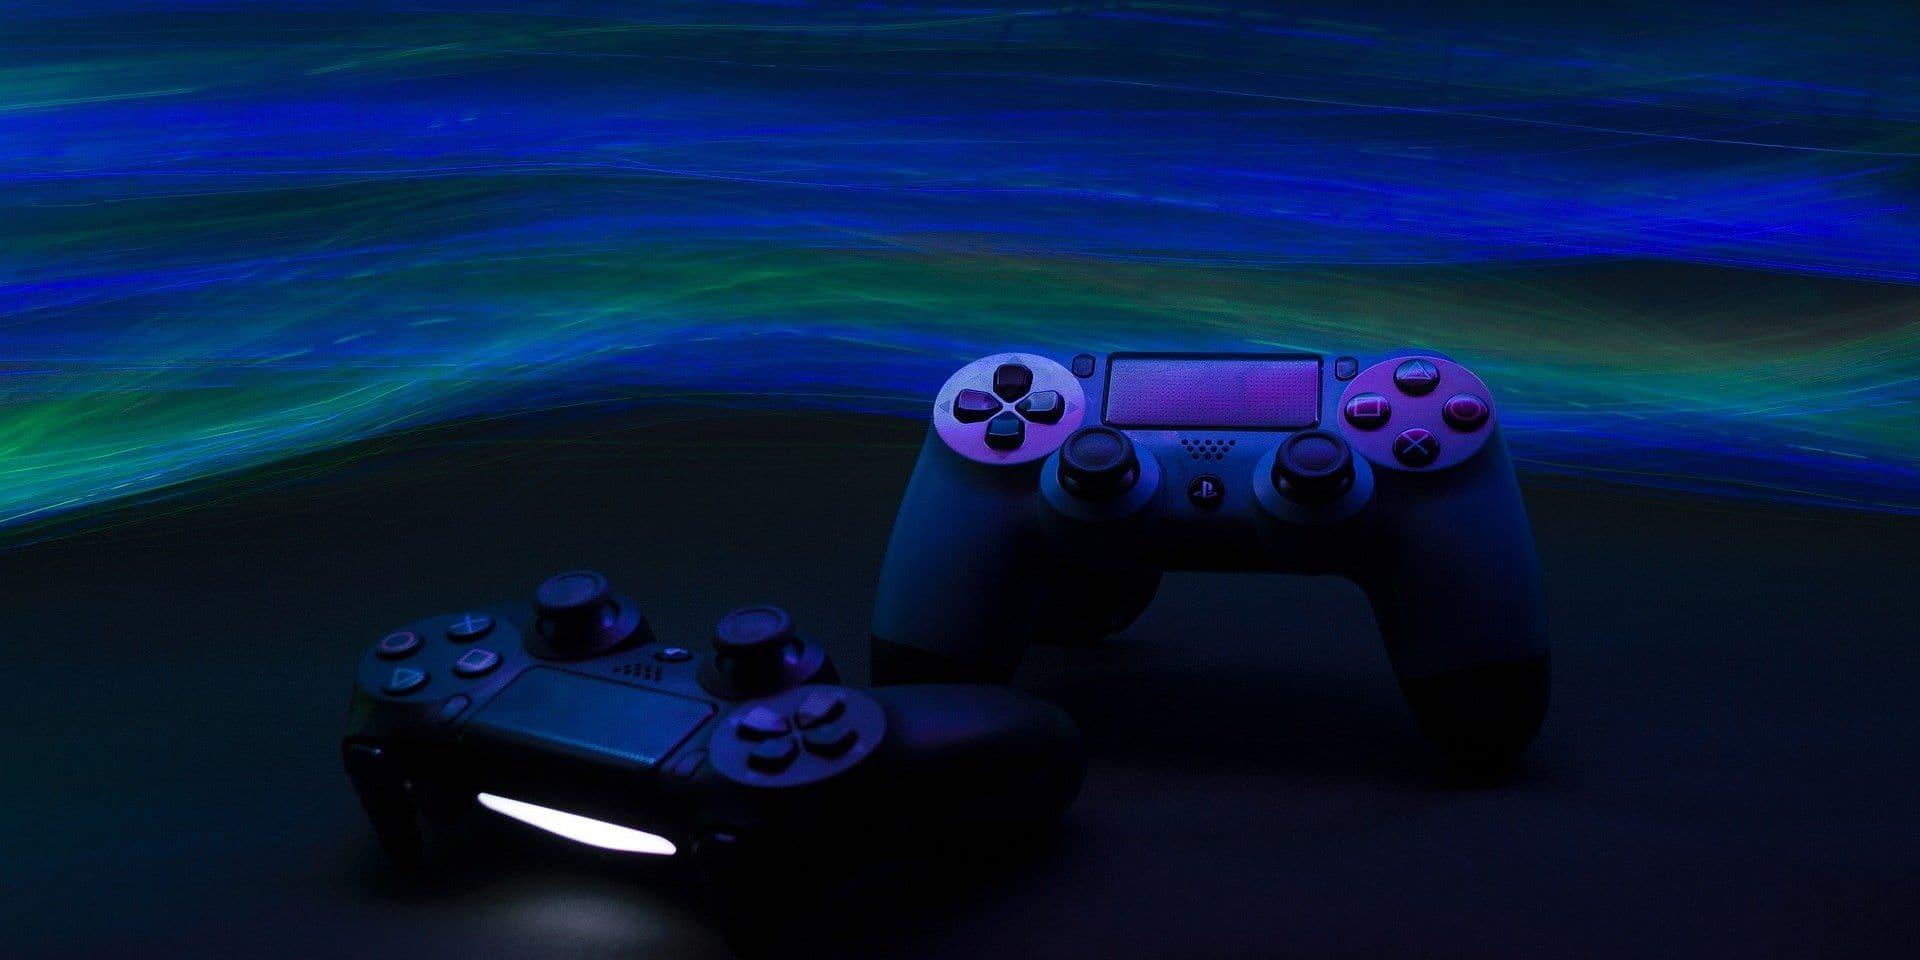 Le jeu vidéo, source d'addictions ou de compétences ? Conférence ce vendredi 8 octobre à Louvain-la-neuve